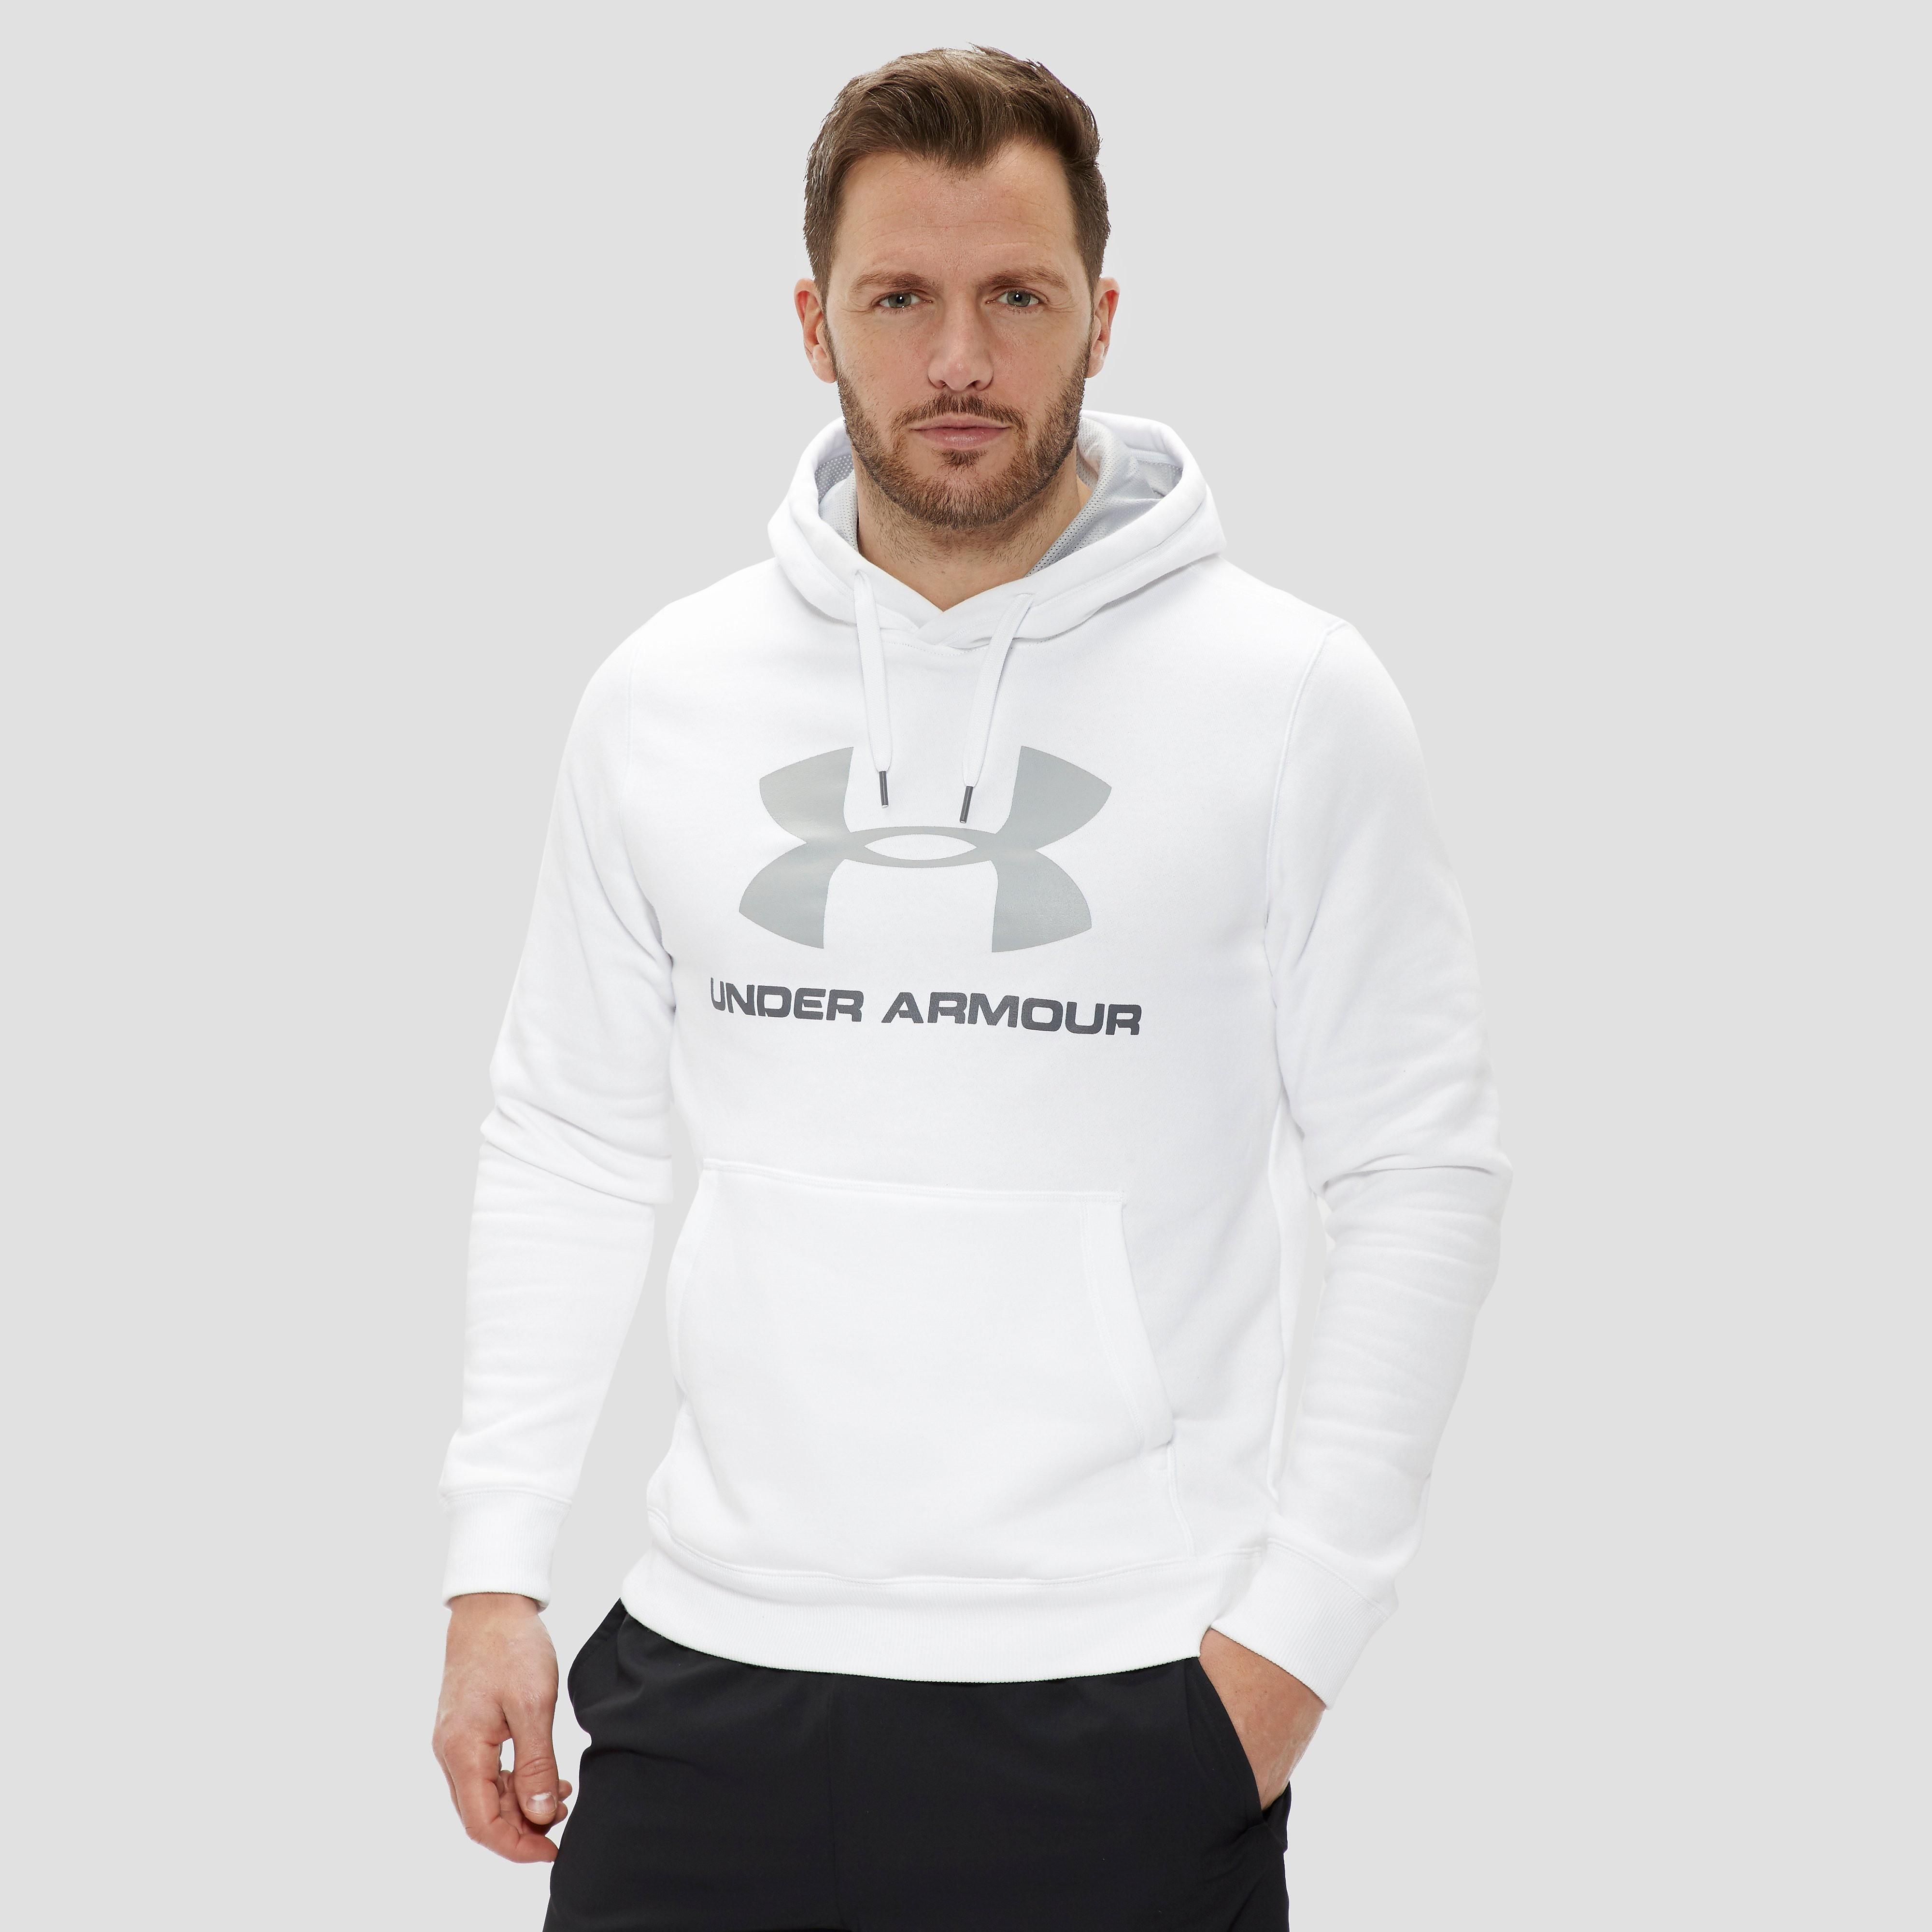 Under Armour Men's Rival Fleece Graphic Hoodie